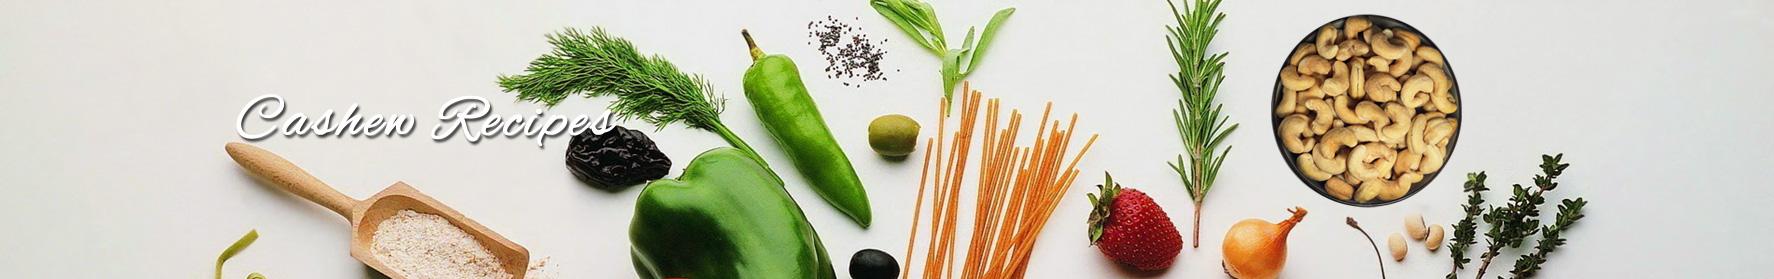 Công thức các món ngon từ hạt điều Vietnuts